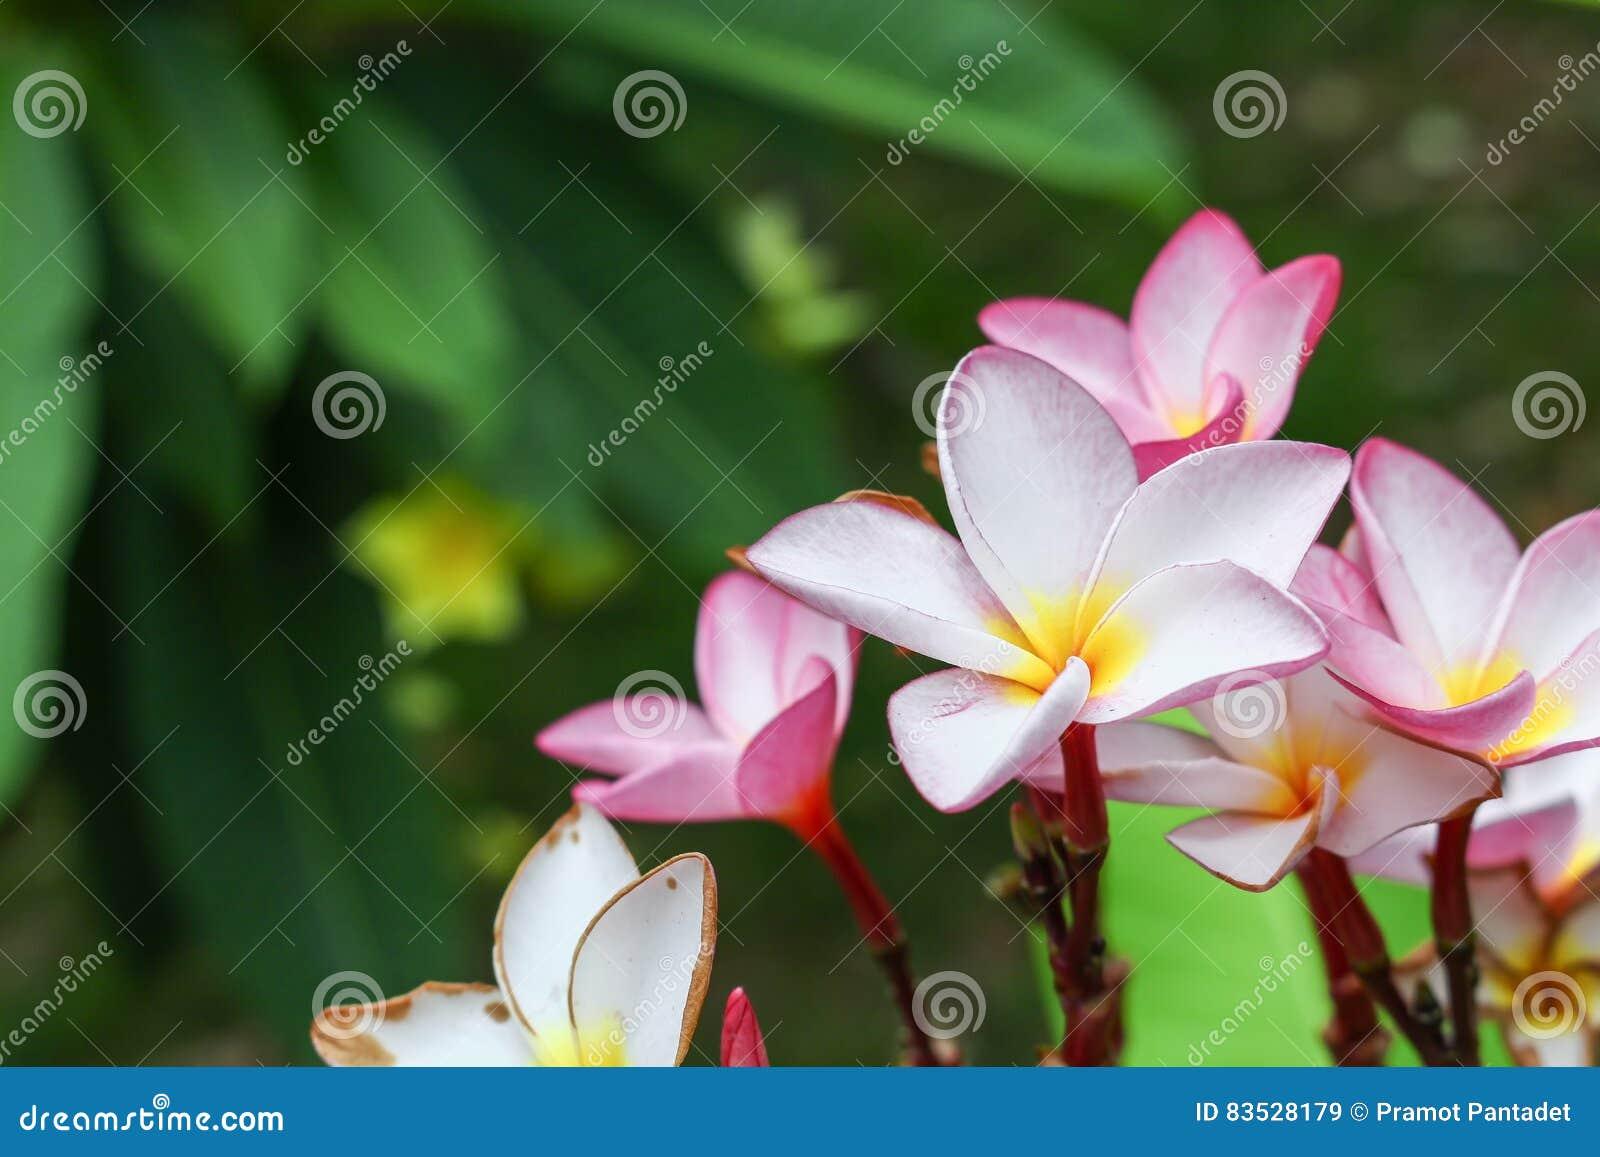 Fleur Tropicale De Frangipani Rose Et Blanc De Fleur De Plumeria